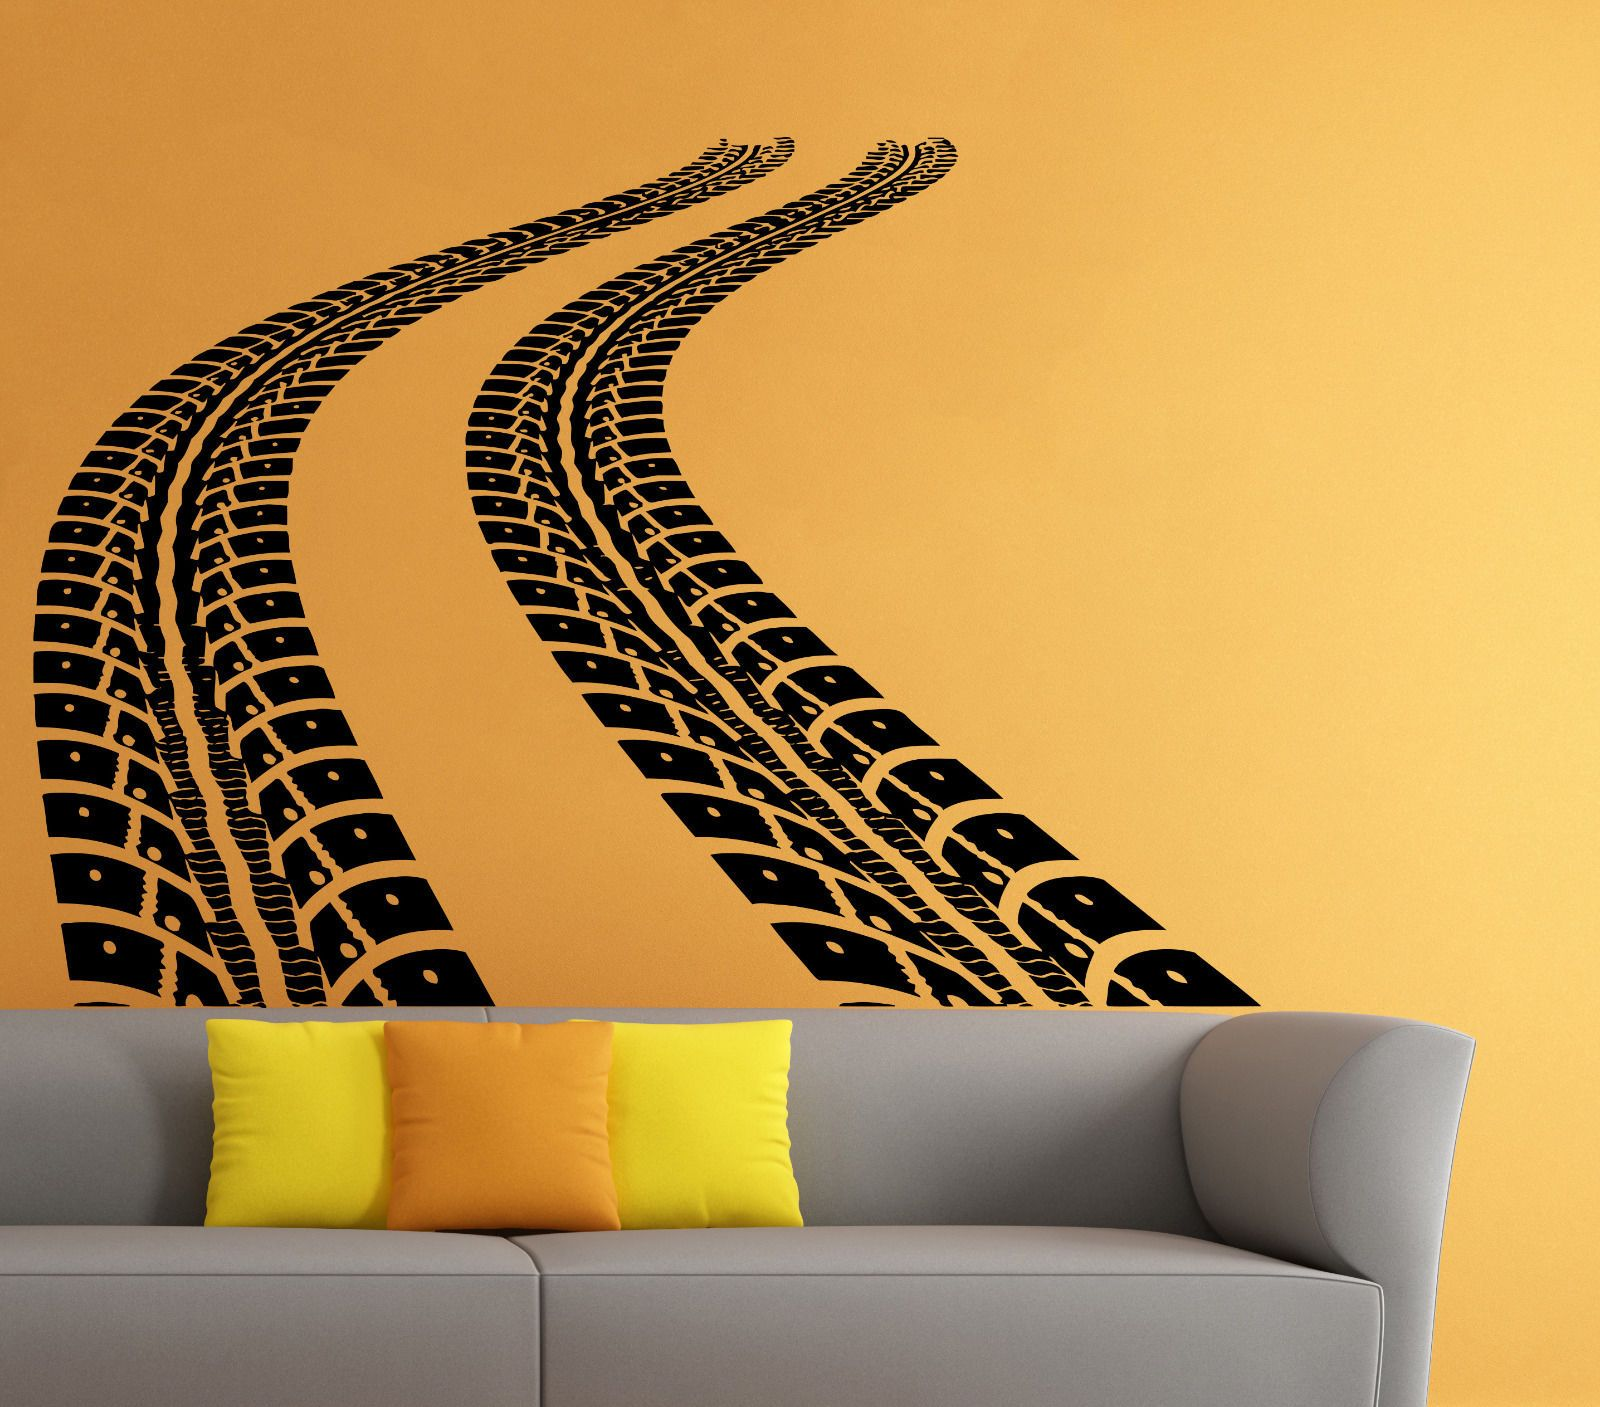 Tire Tracks Wall Decal Car Traces Vinyl Sticker Art Home Mural Decor 4dtrk Vinyl Wall Decals Sticker Art Mural [ 1407 x 1600 Pixel ]